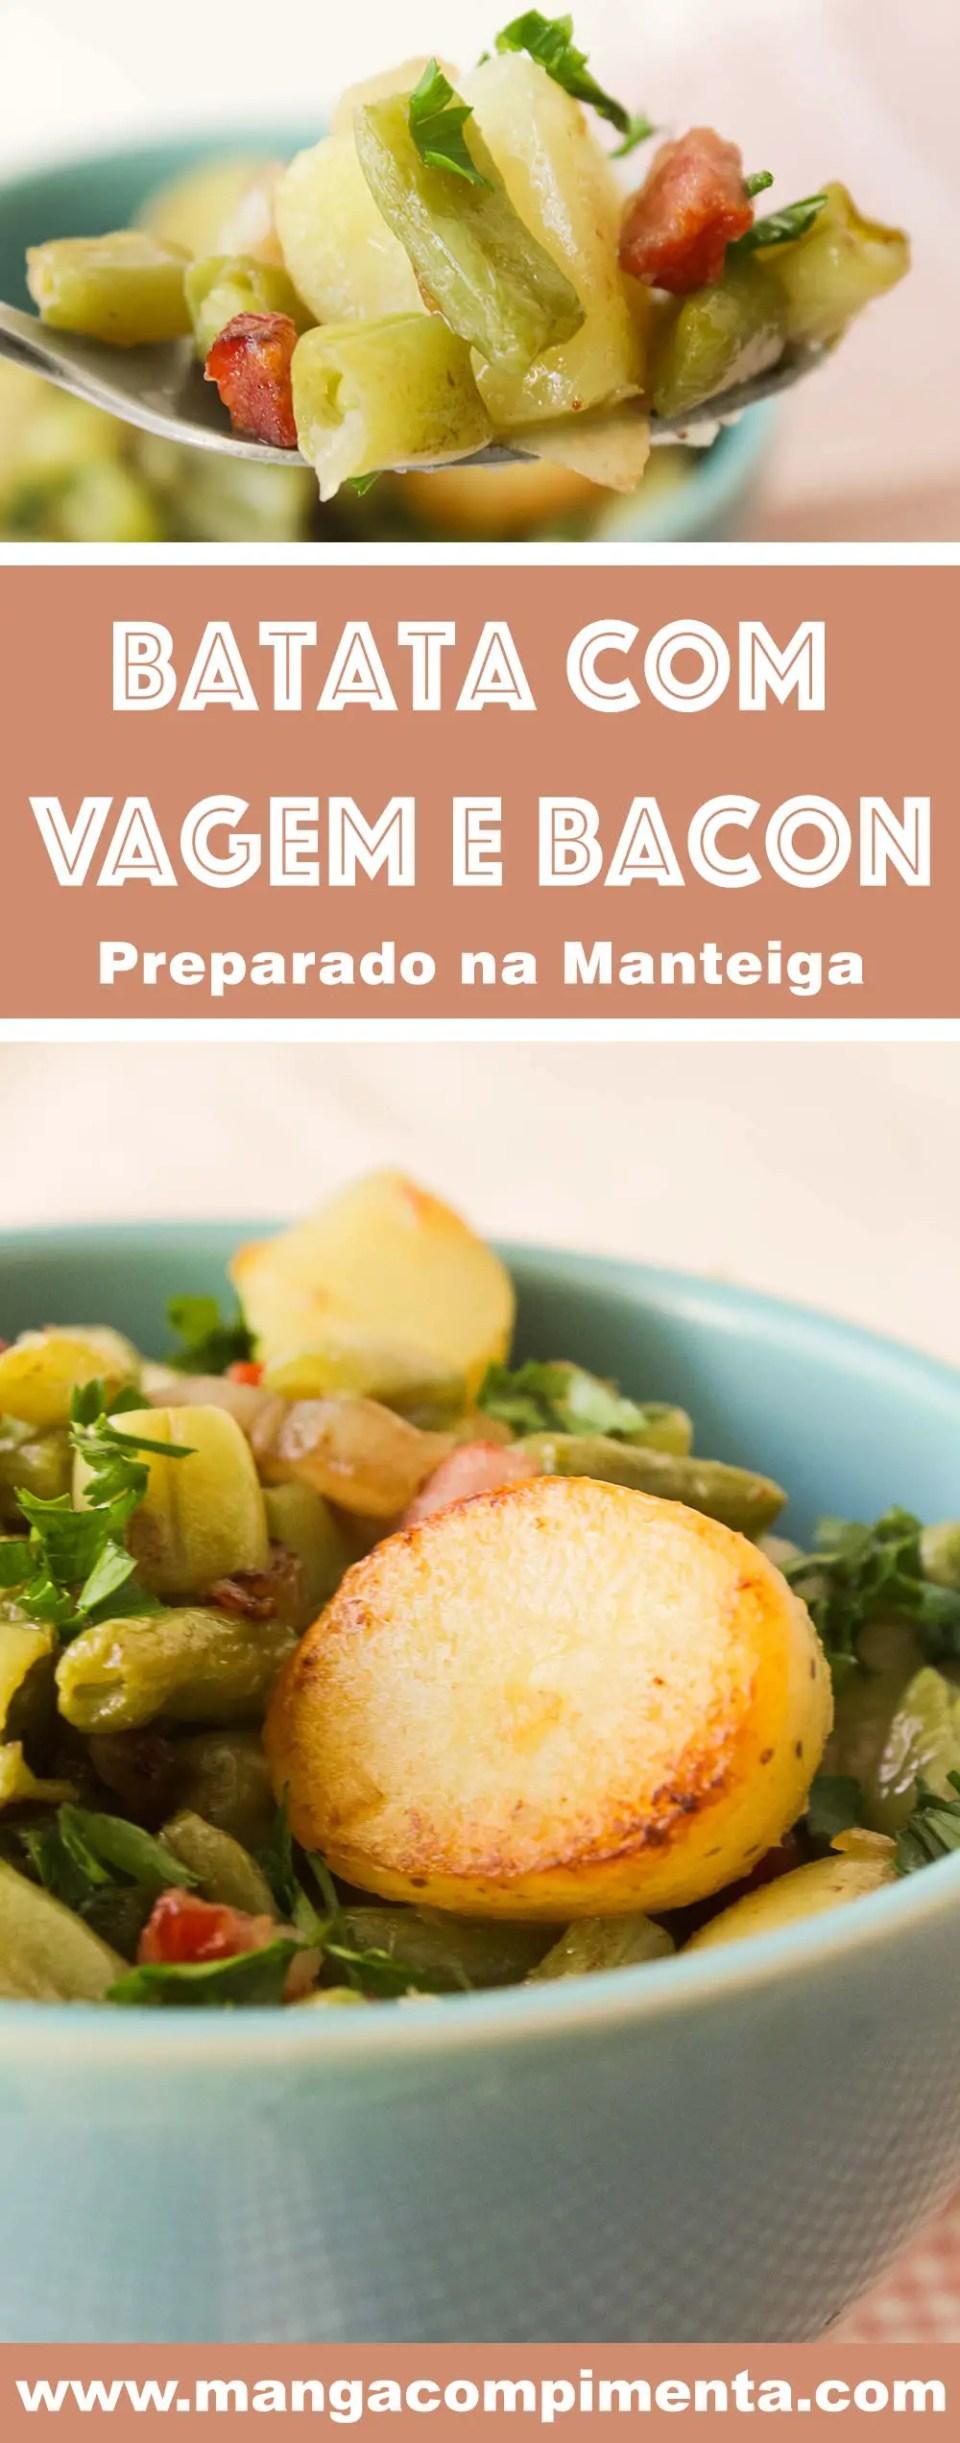 Batata com Vagem e Bacon, salteado na Manteiga - um prato simples, rápido e delicioso para a semana!